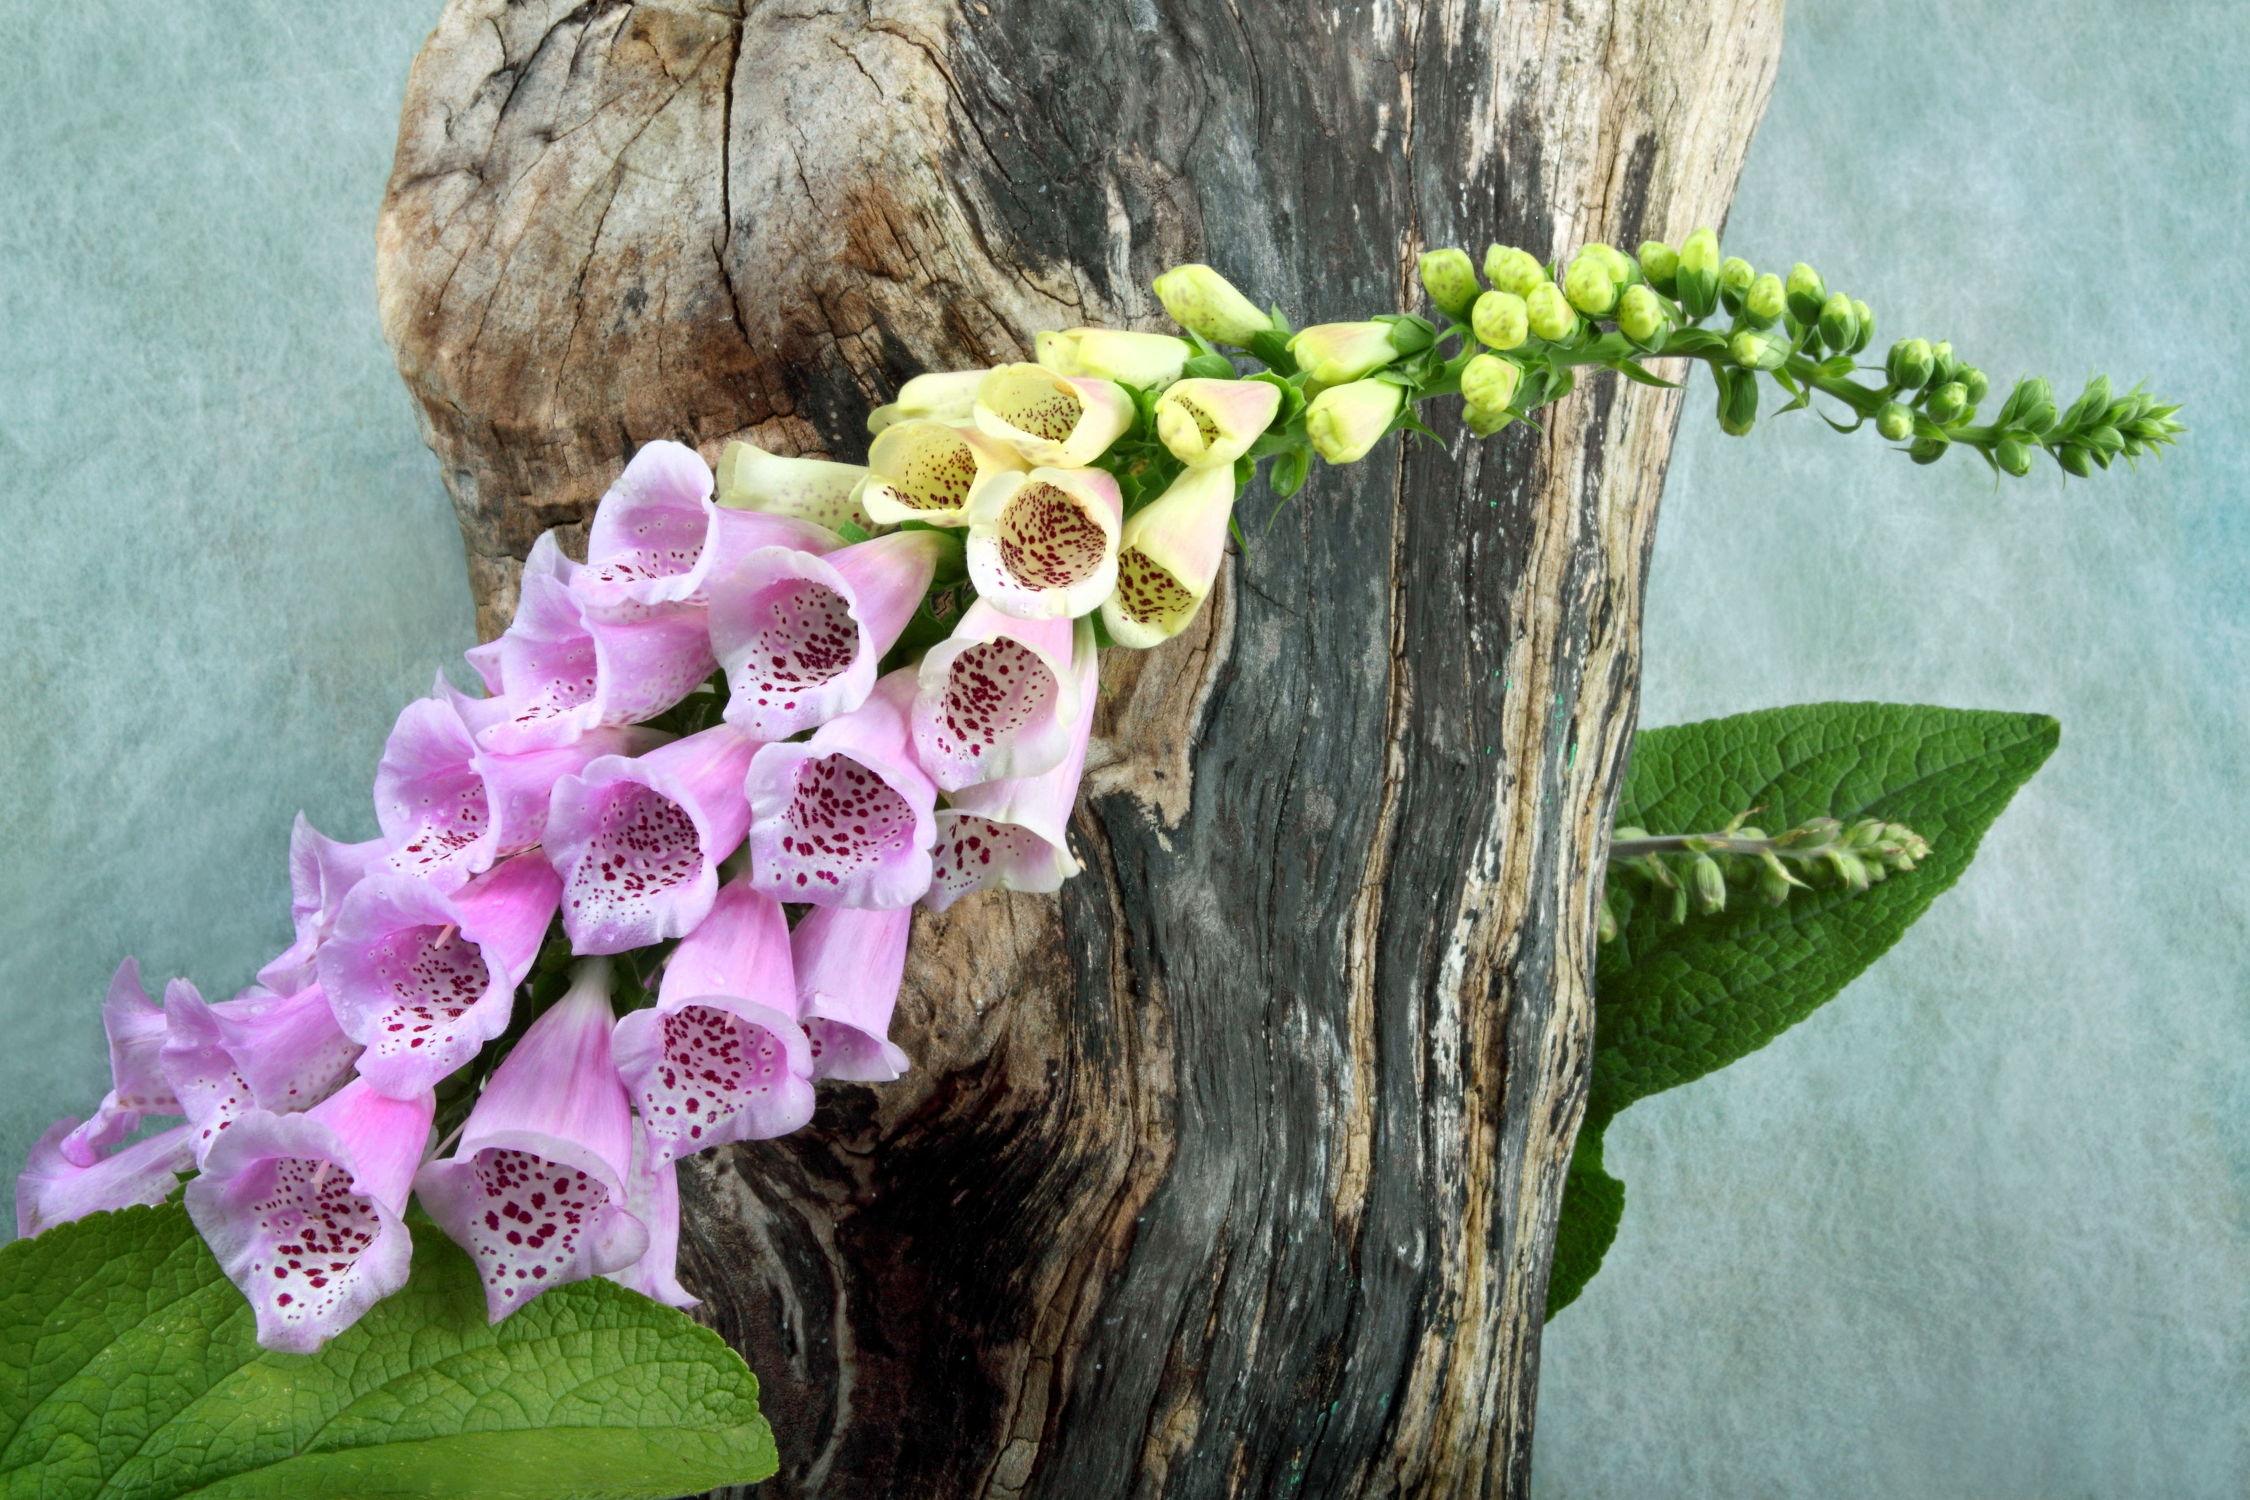 Bild mit Pflanzen, Blumen, Baum, Blume, Pflanze, Fauna, Floral, Flora, Blüten, Florales, garten, blüte, fingerhüte, fingerhut